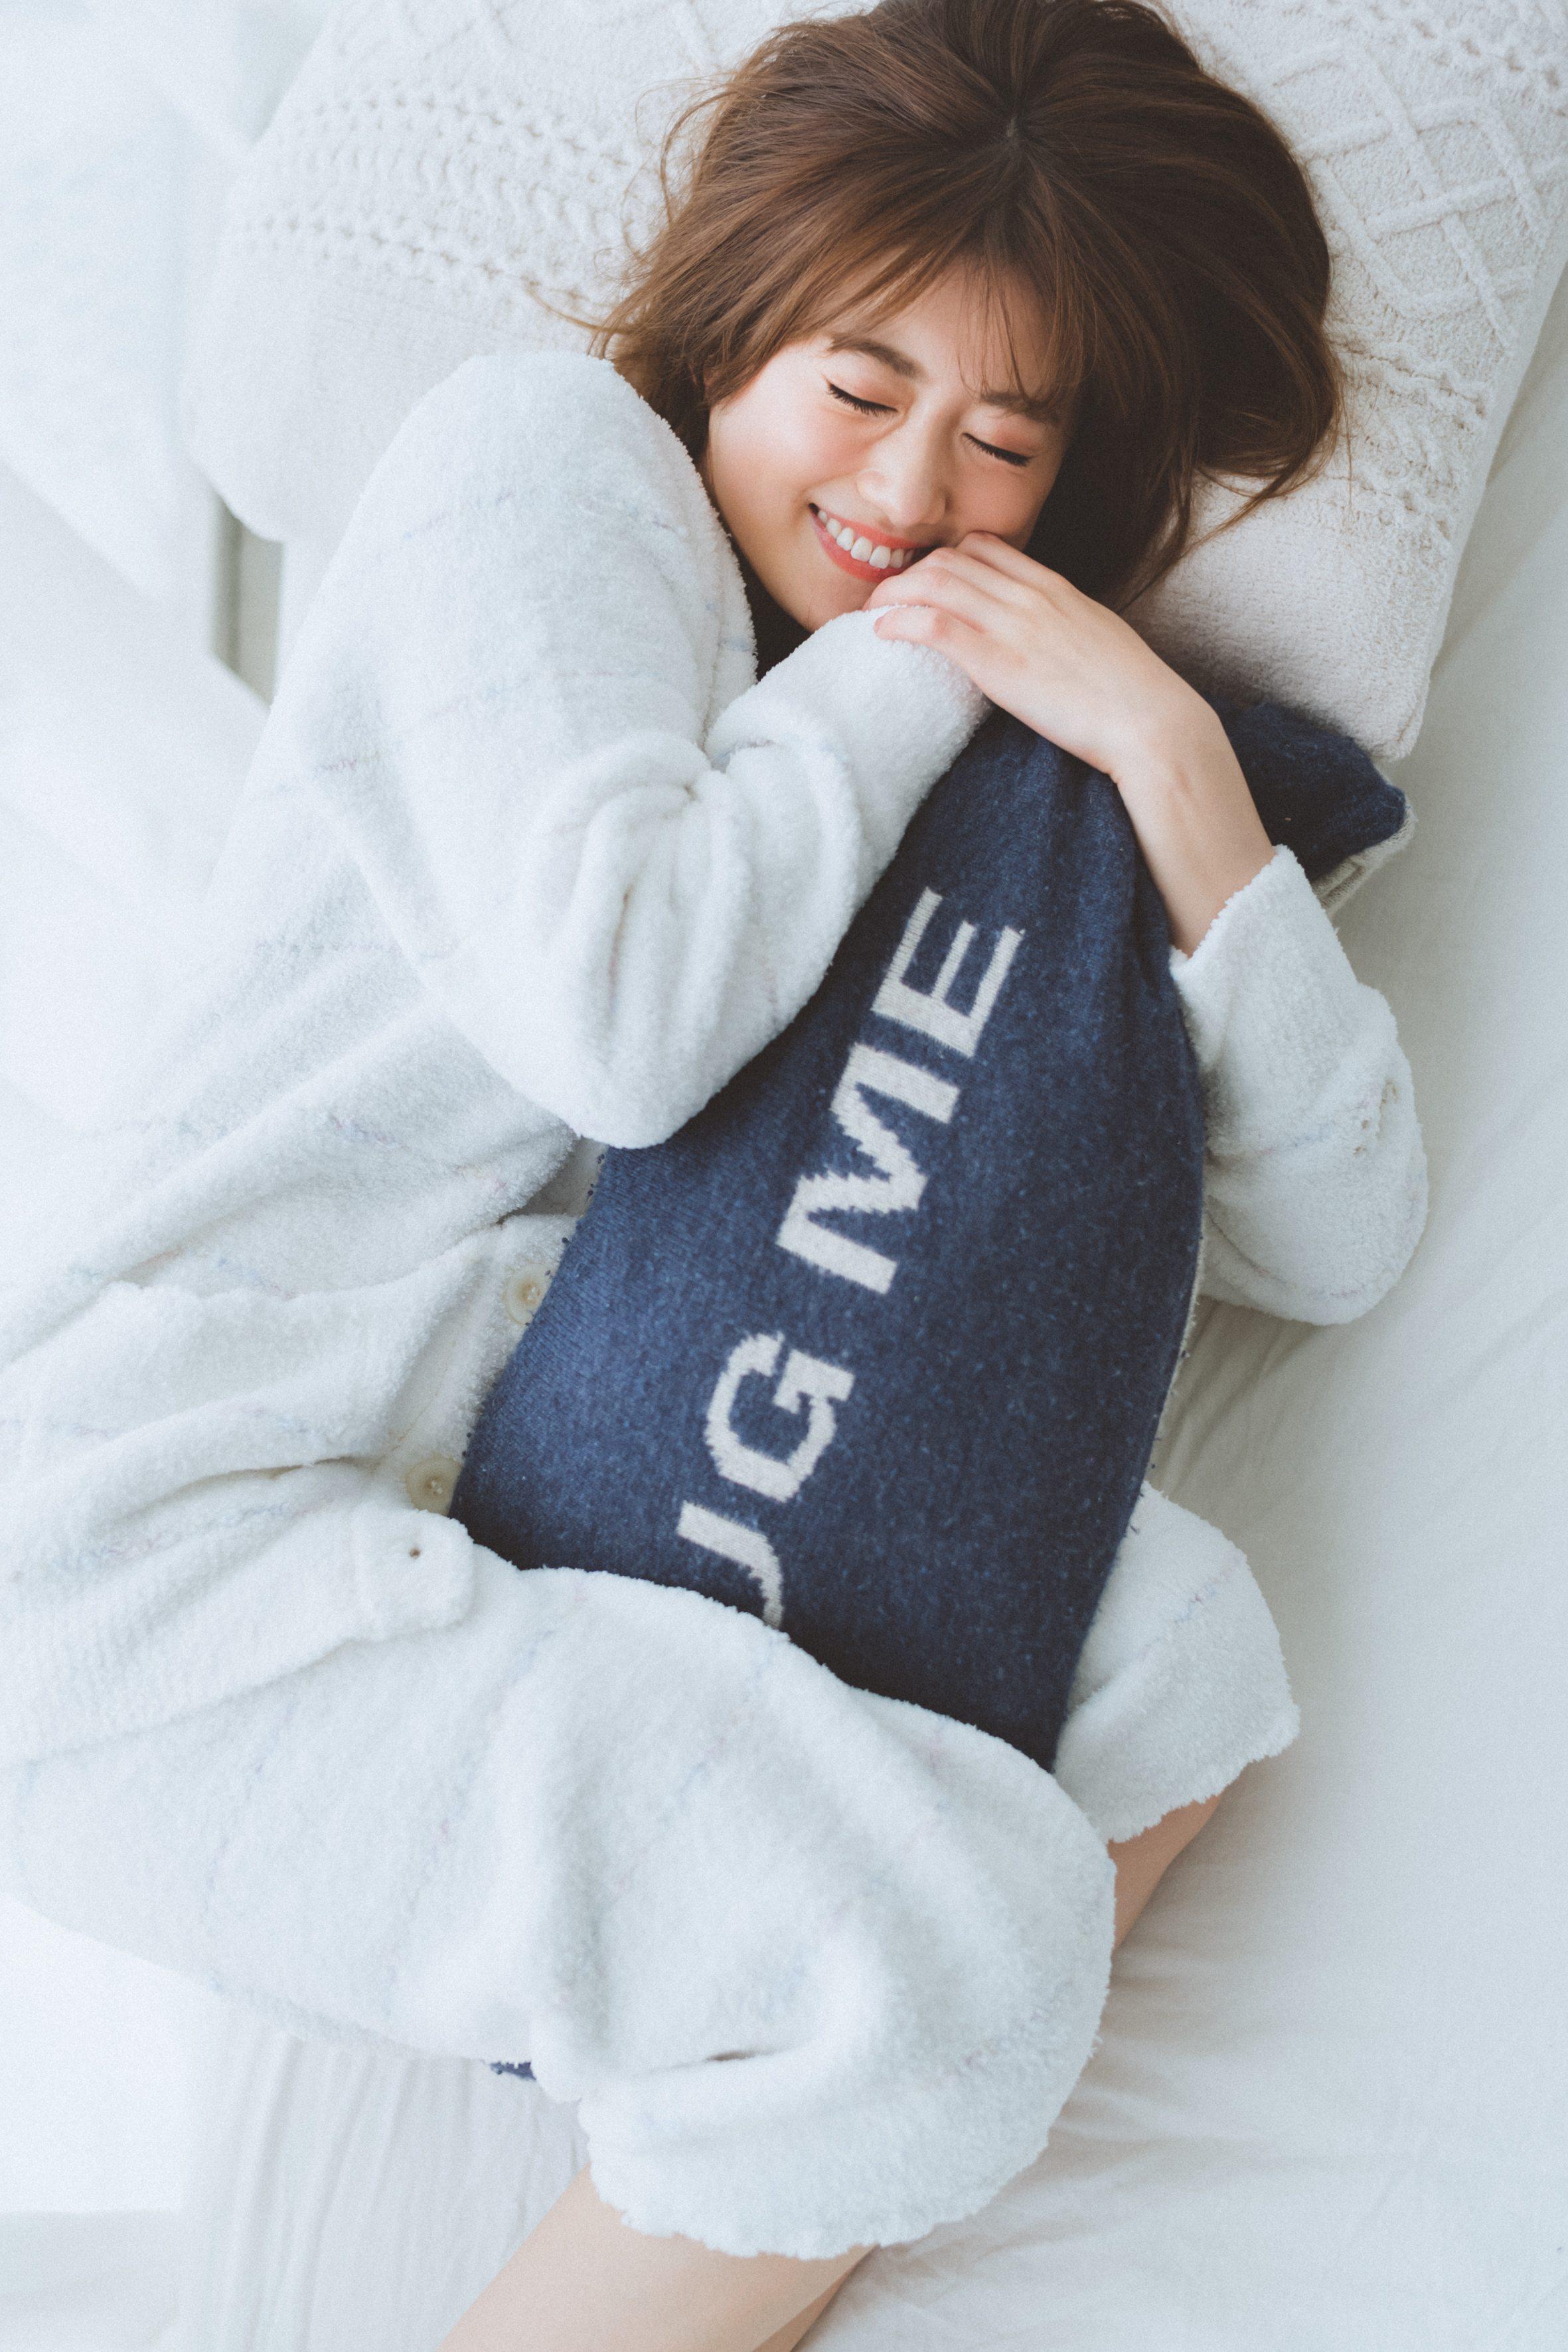 乃木坂46樋口日奈が着る「可愛いパジャマ」3選